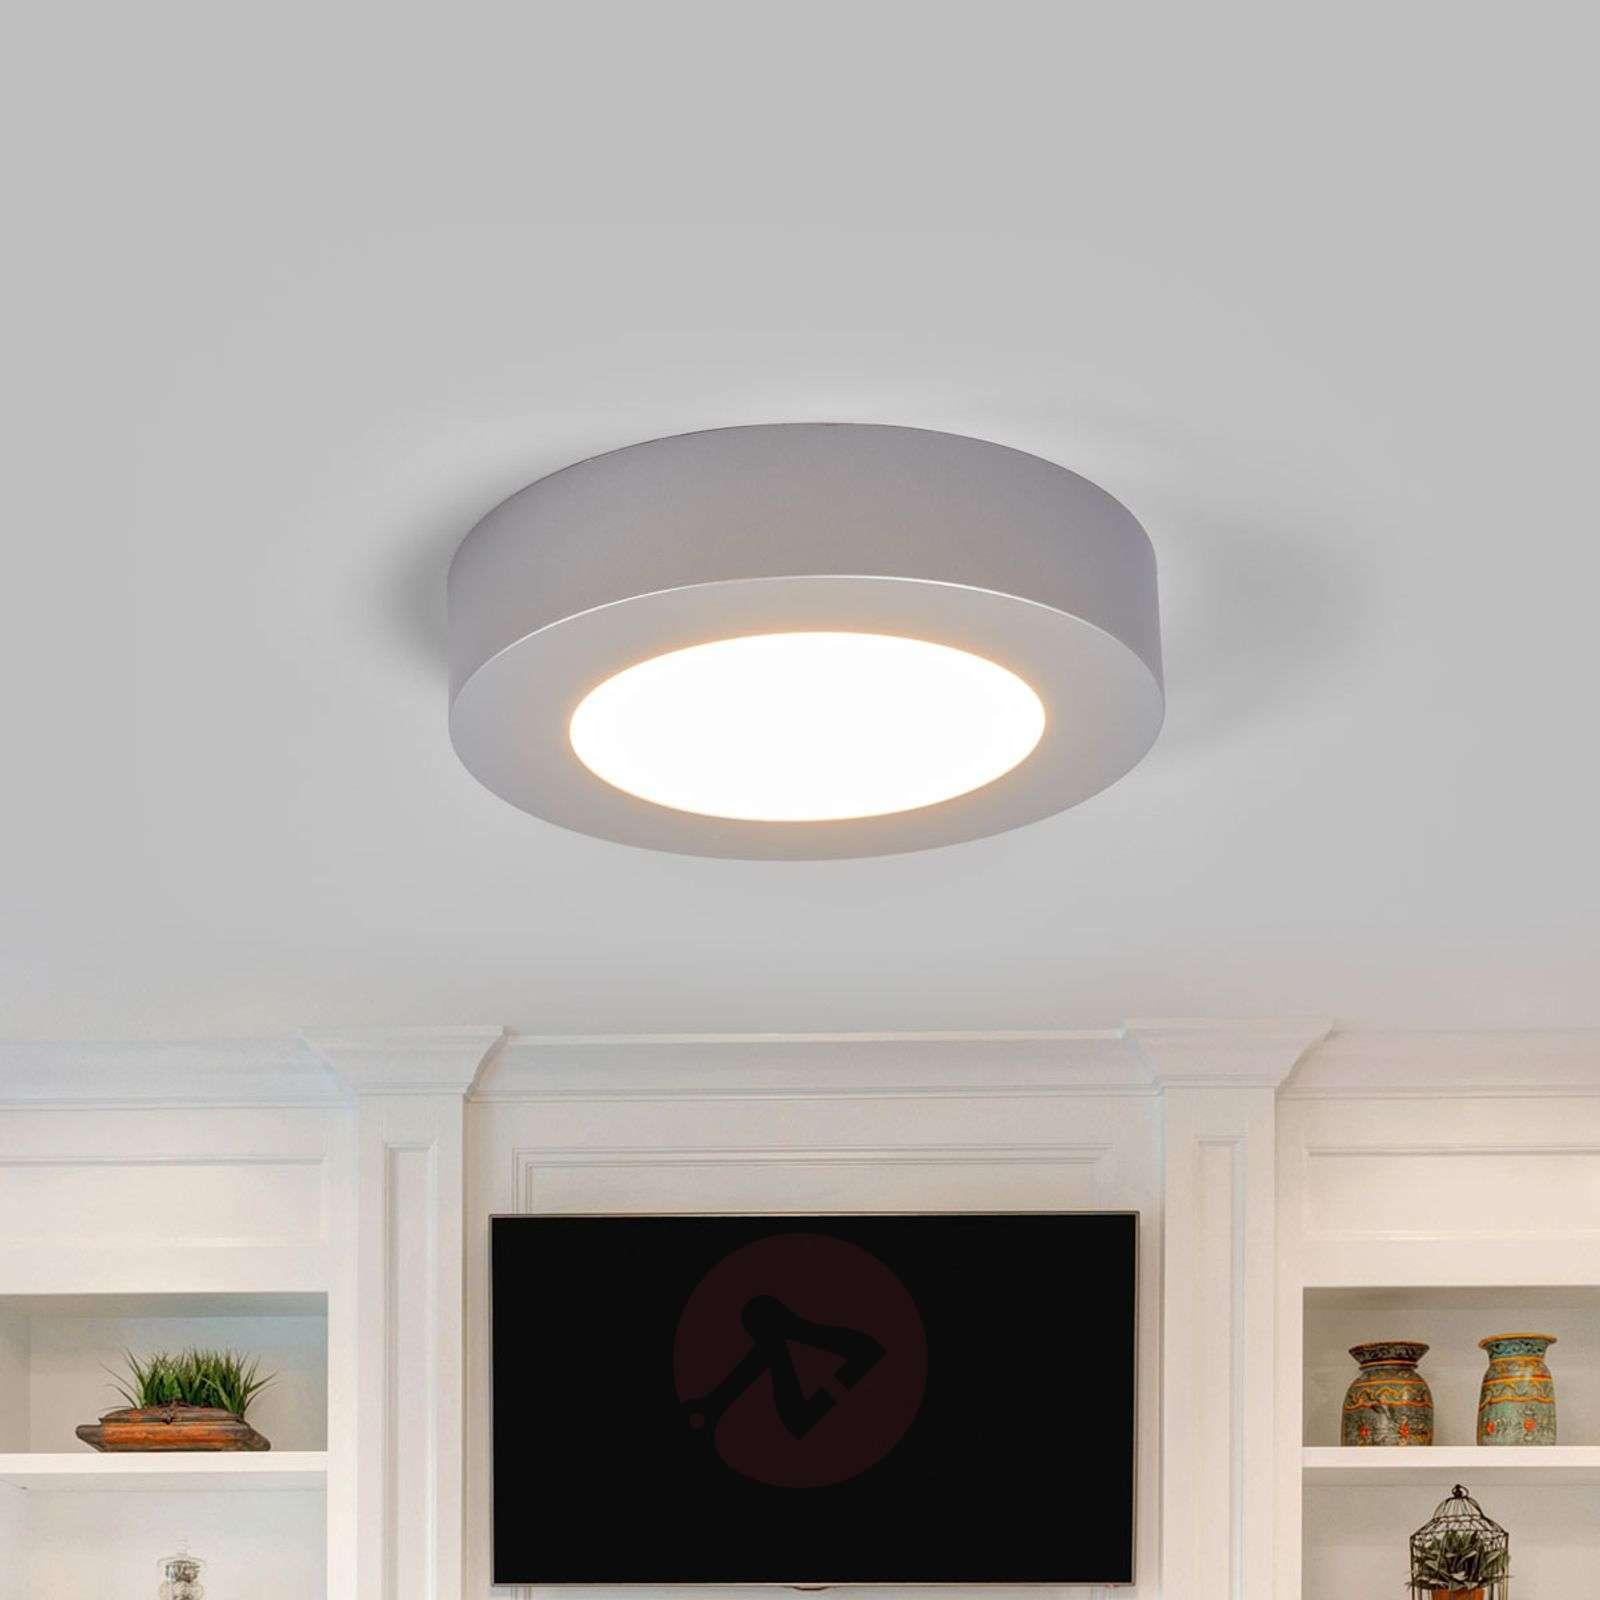 Marlo – Kylpyhuoneen LED-kattolamppu, IP44-9978052-02